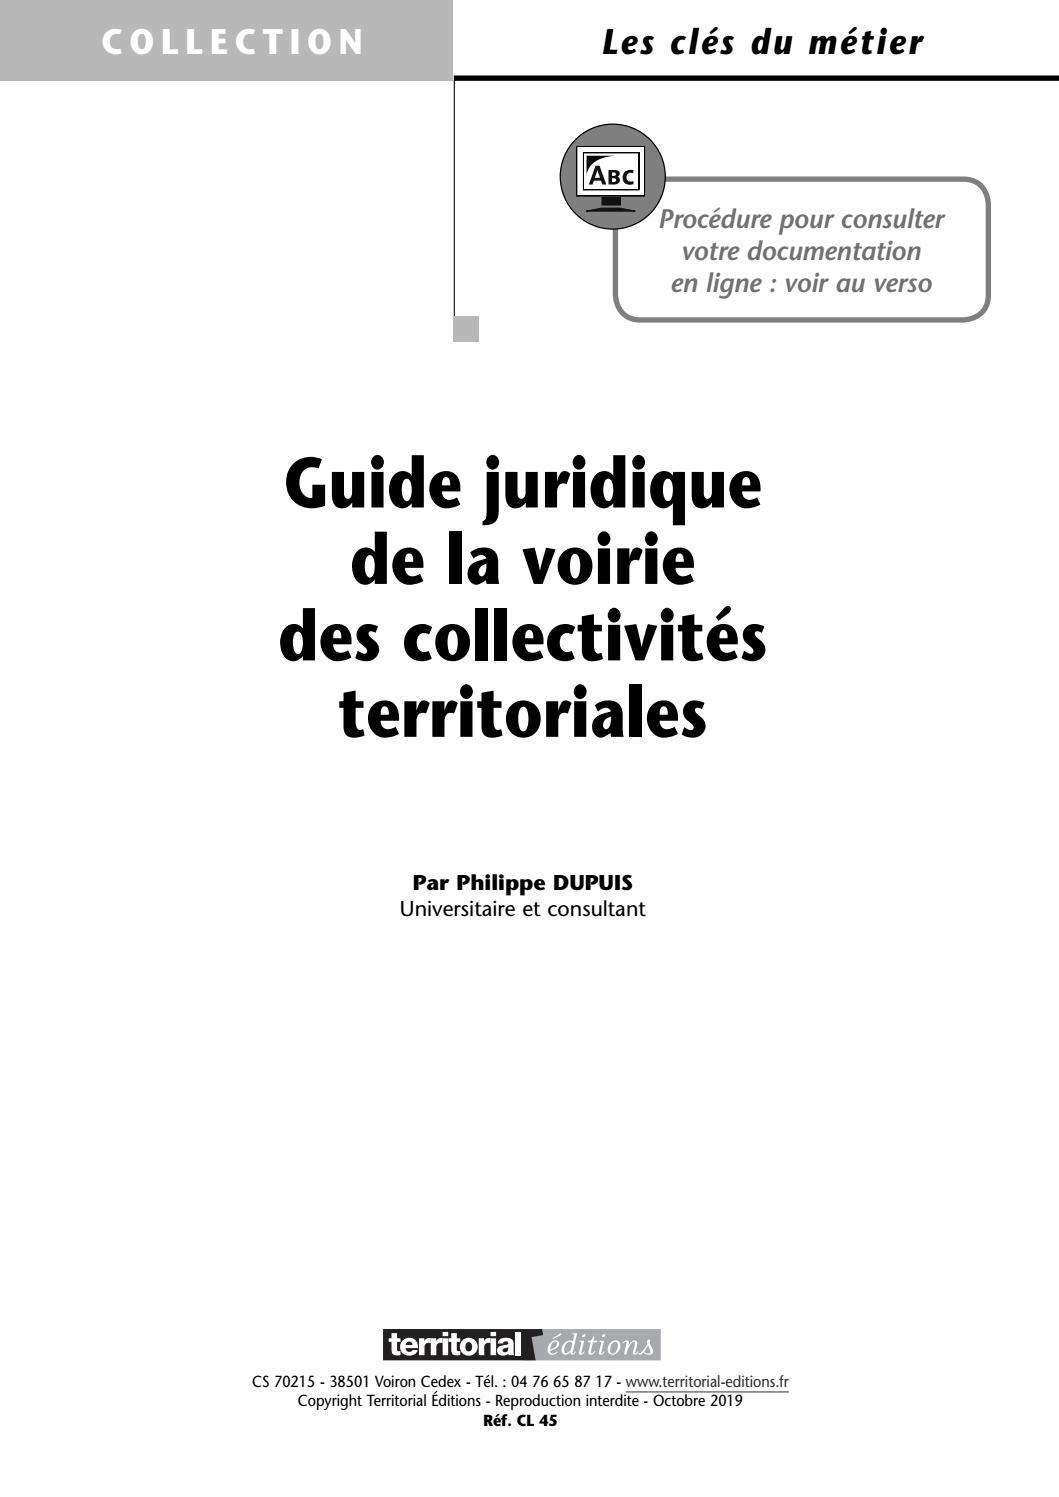 Guide juridique de la voirie des collectivités territoriales - Philippe Dupuis